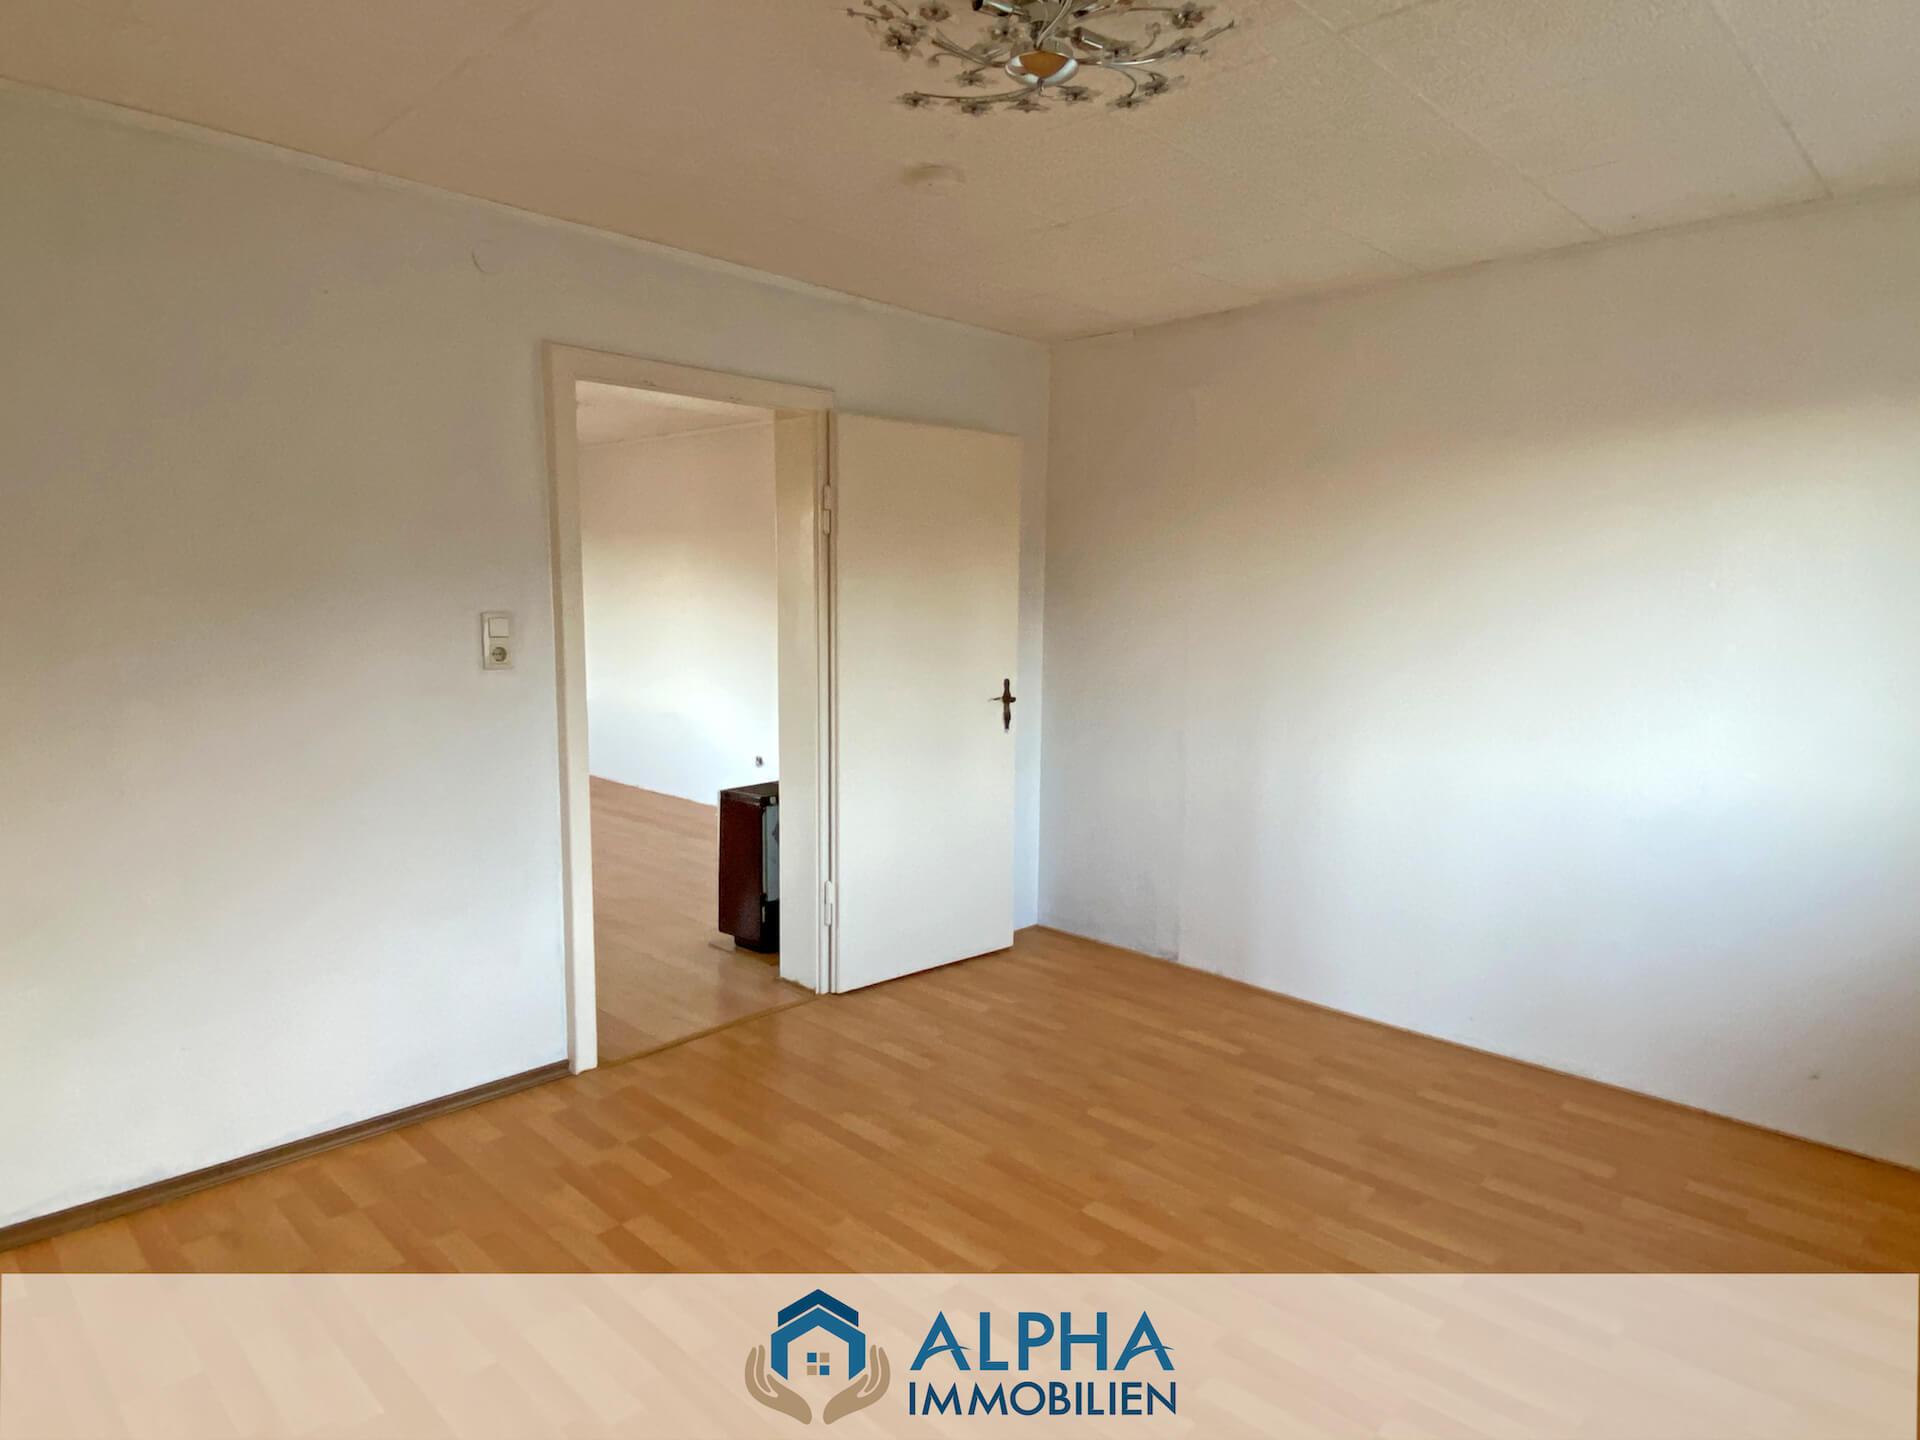 alpha-immobilien-20-8-77